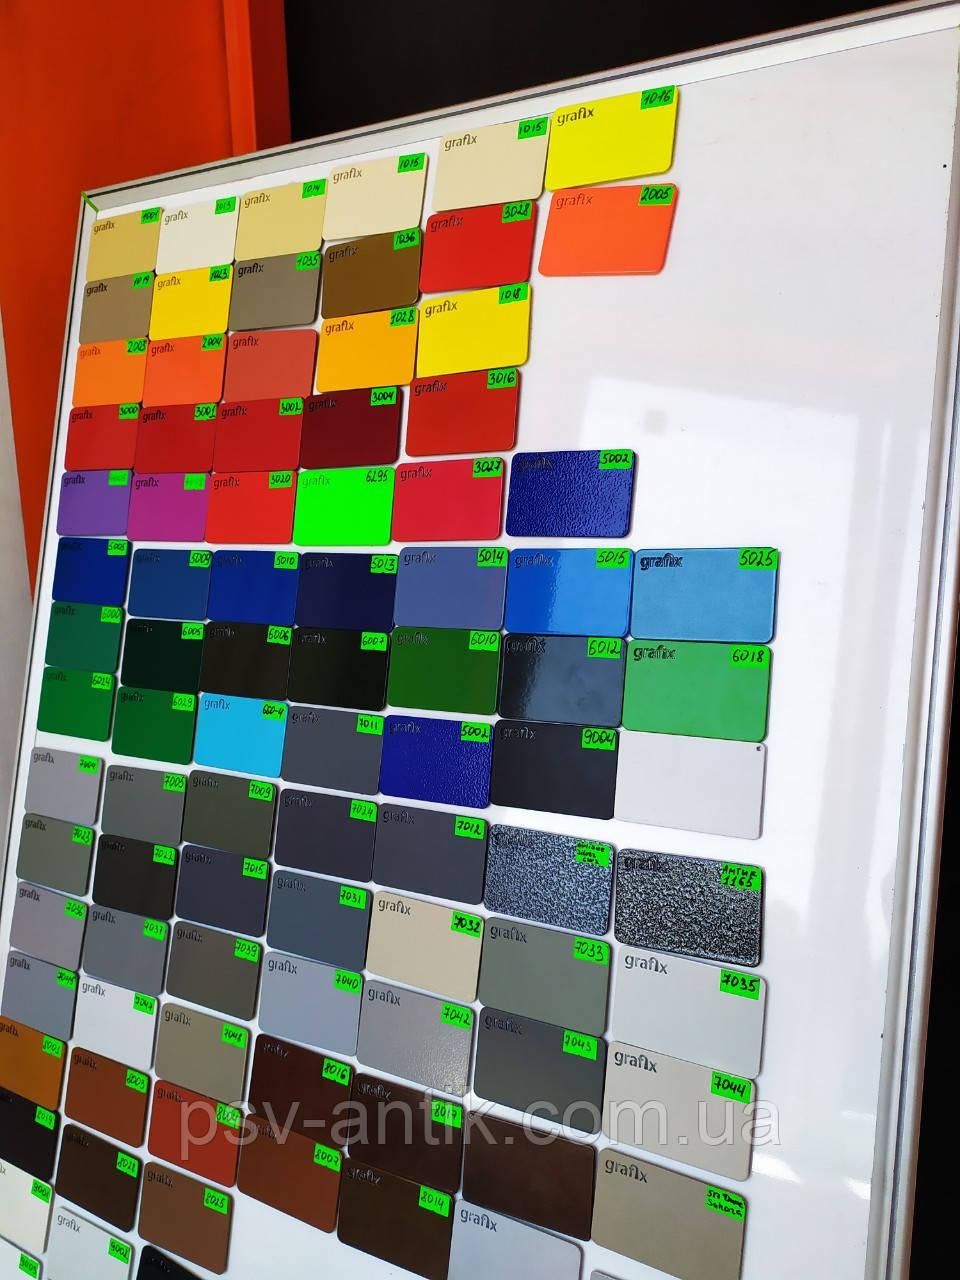 Порошковая краска структурная, полиэфирная, архитектурная, DB703